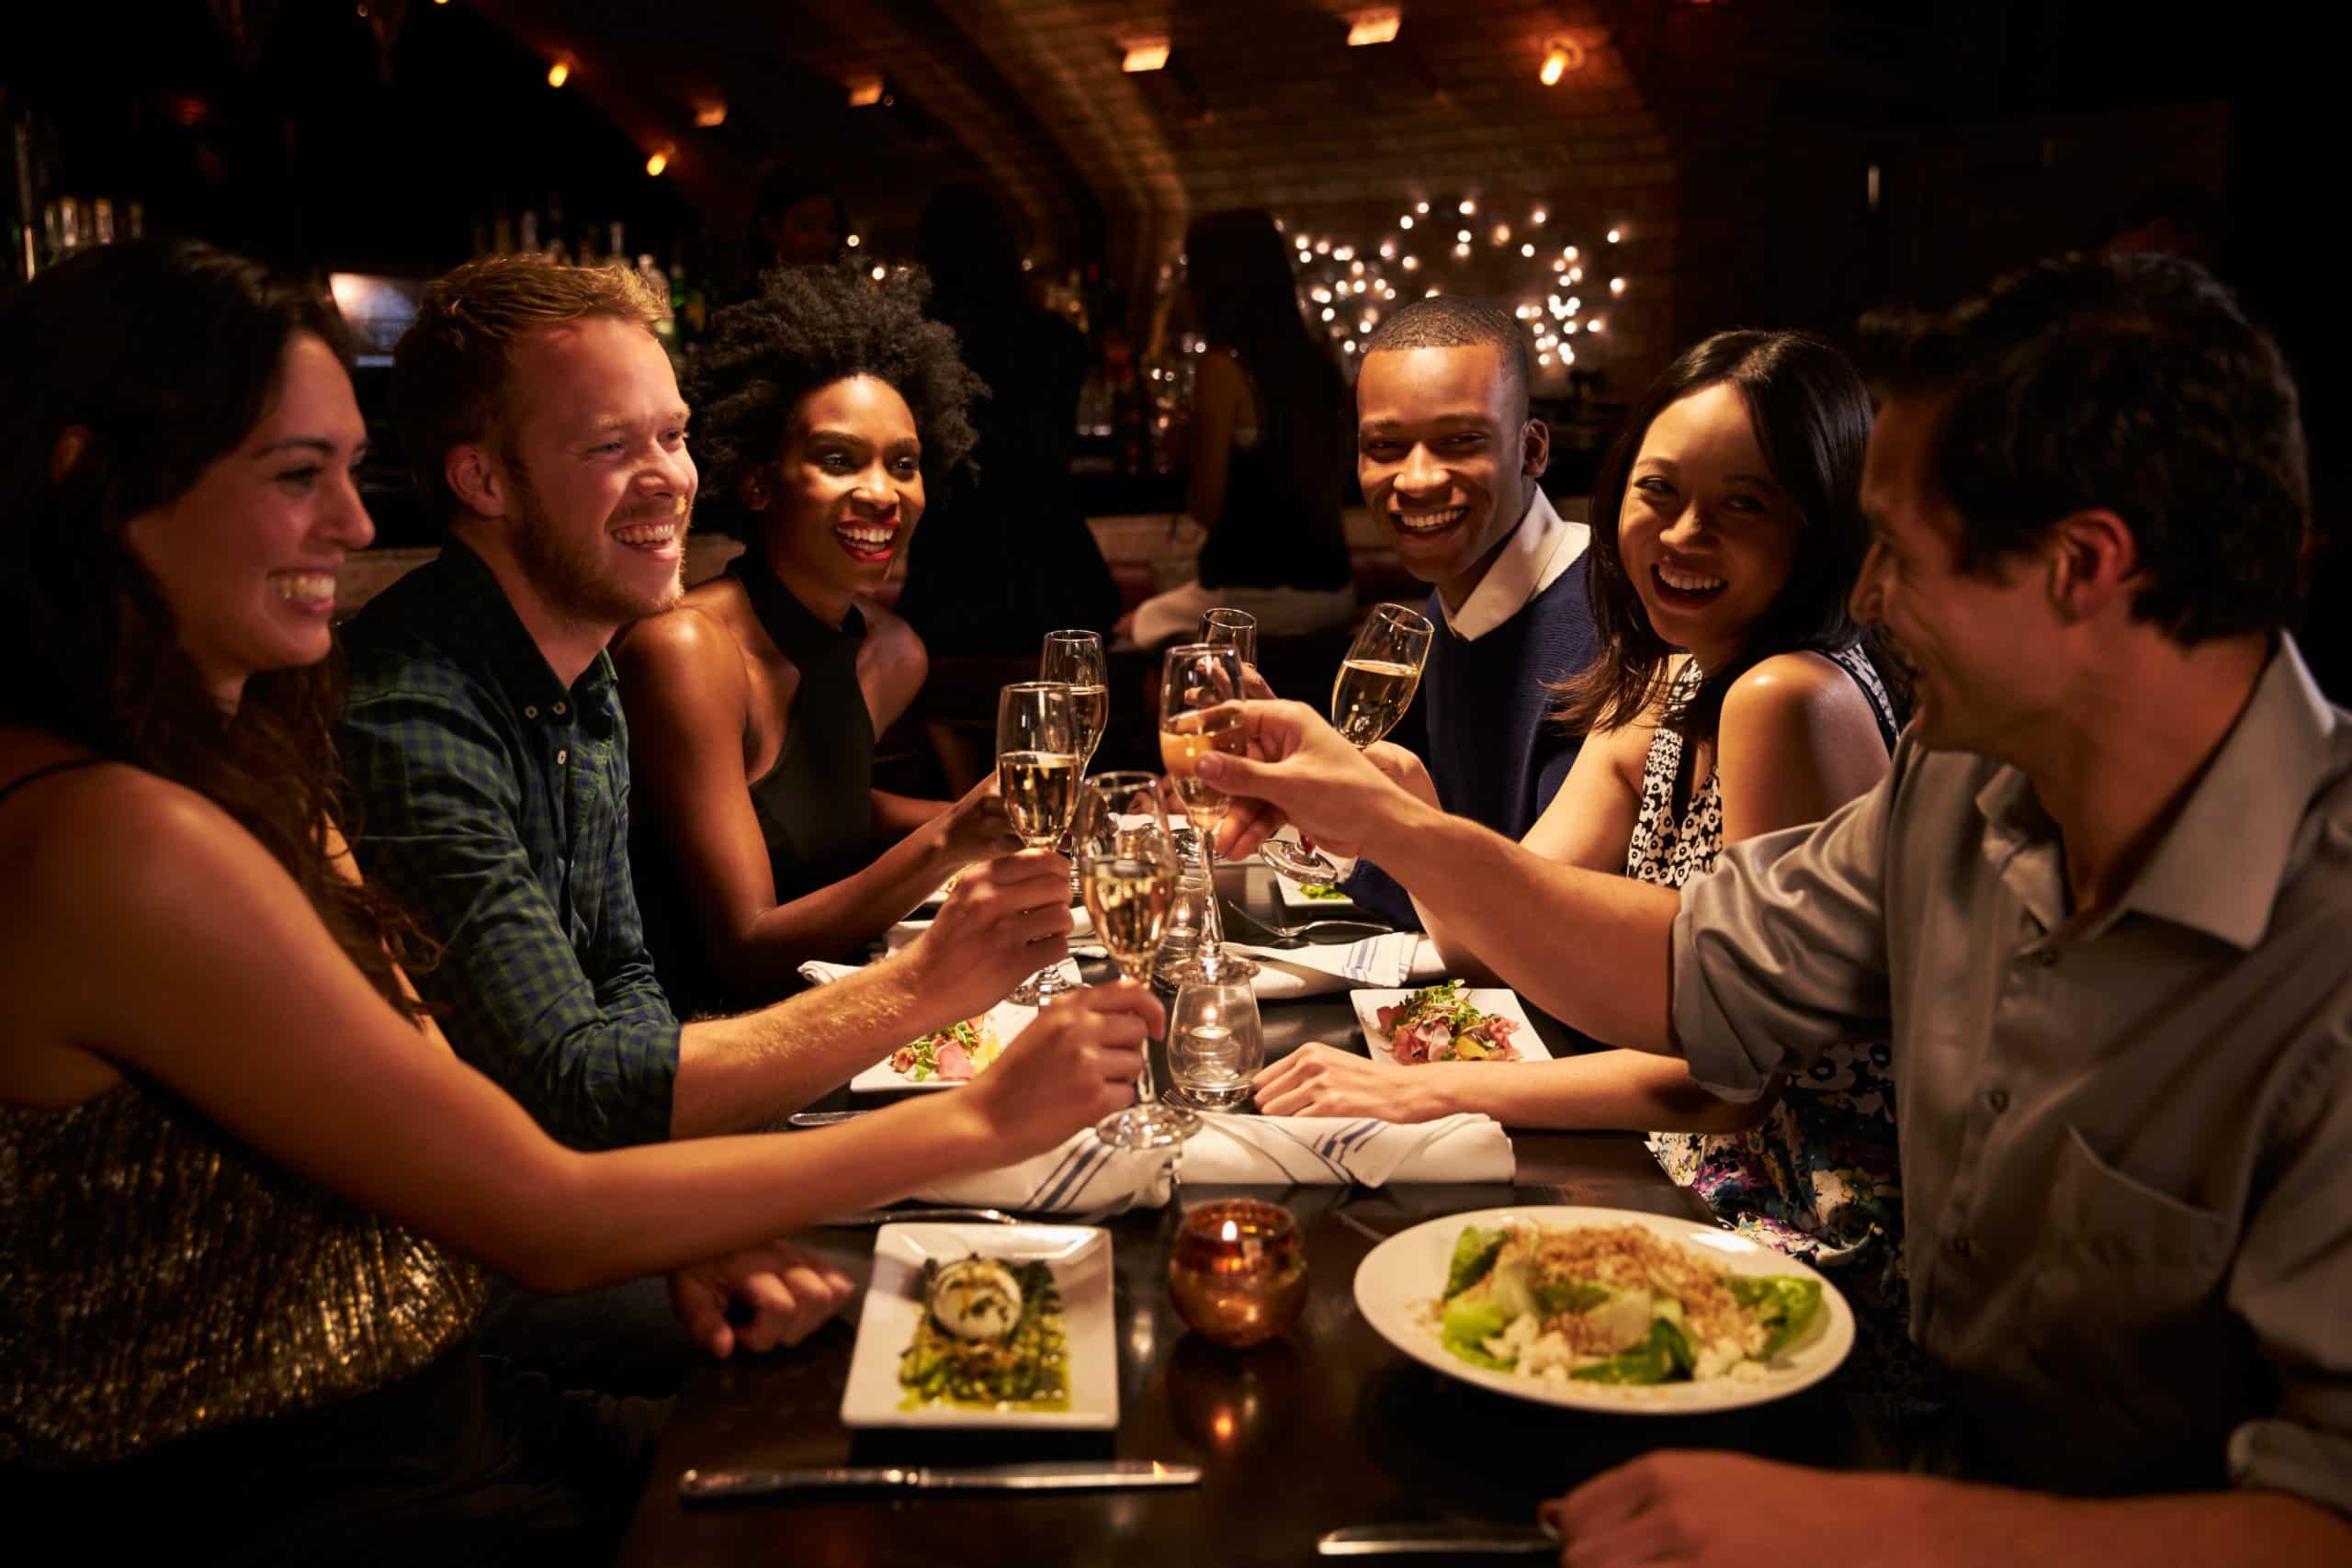 Gruppe von Freunden unbeschwert am Restauranttisch